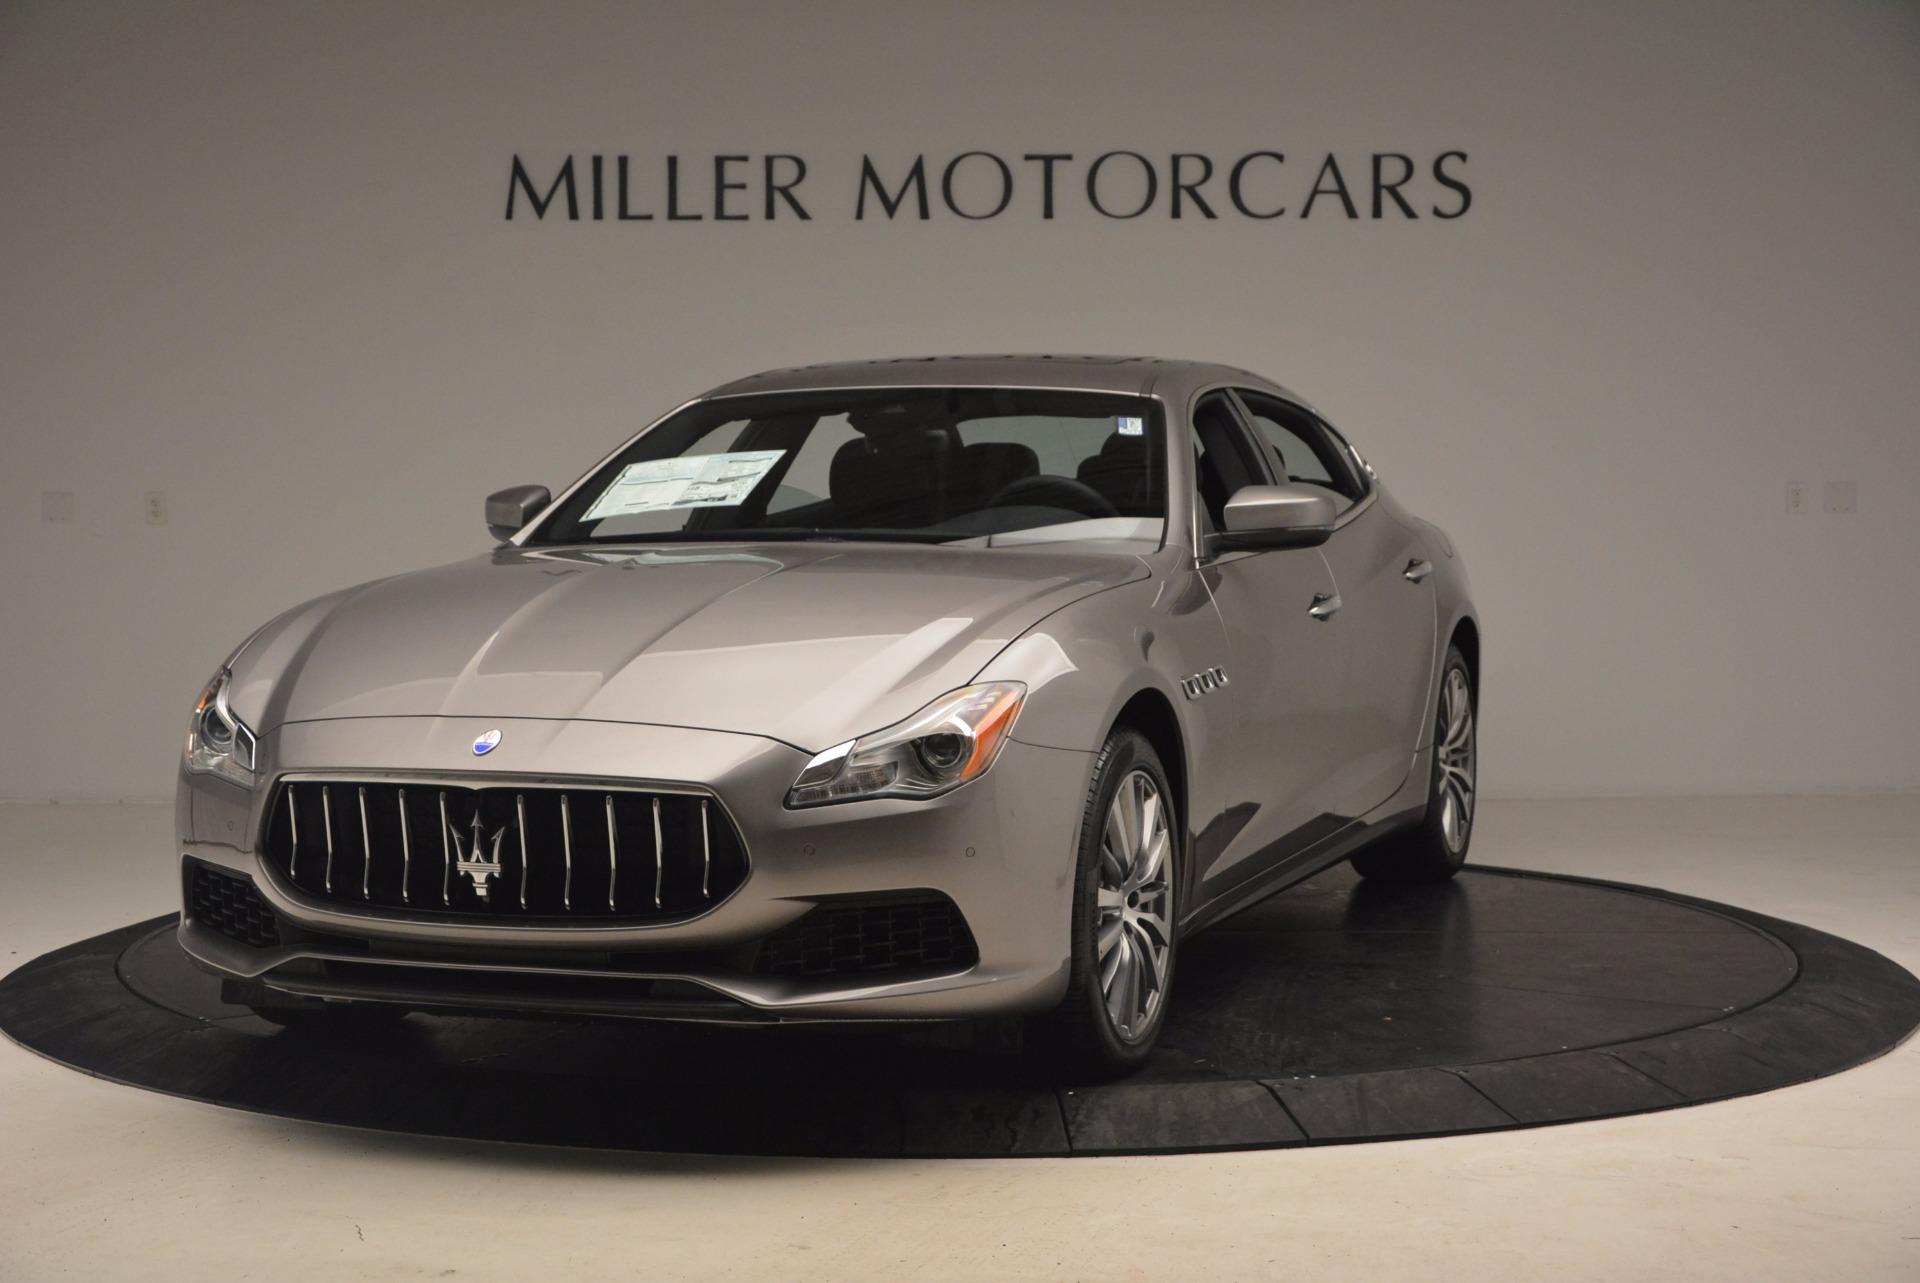 New 2017 Maserati Quattroporte SQ4 for sale Sold at Aston Martin of Greenwich in Greenwich CT 06830 1